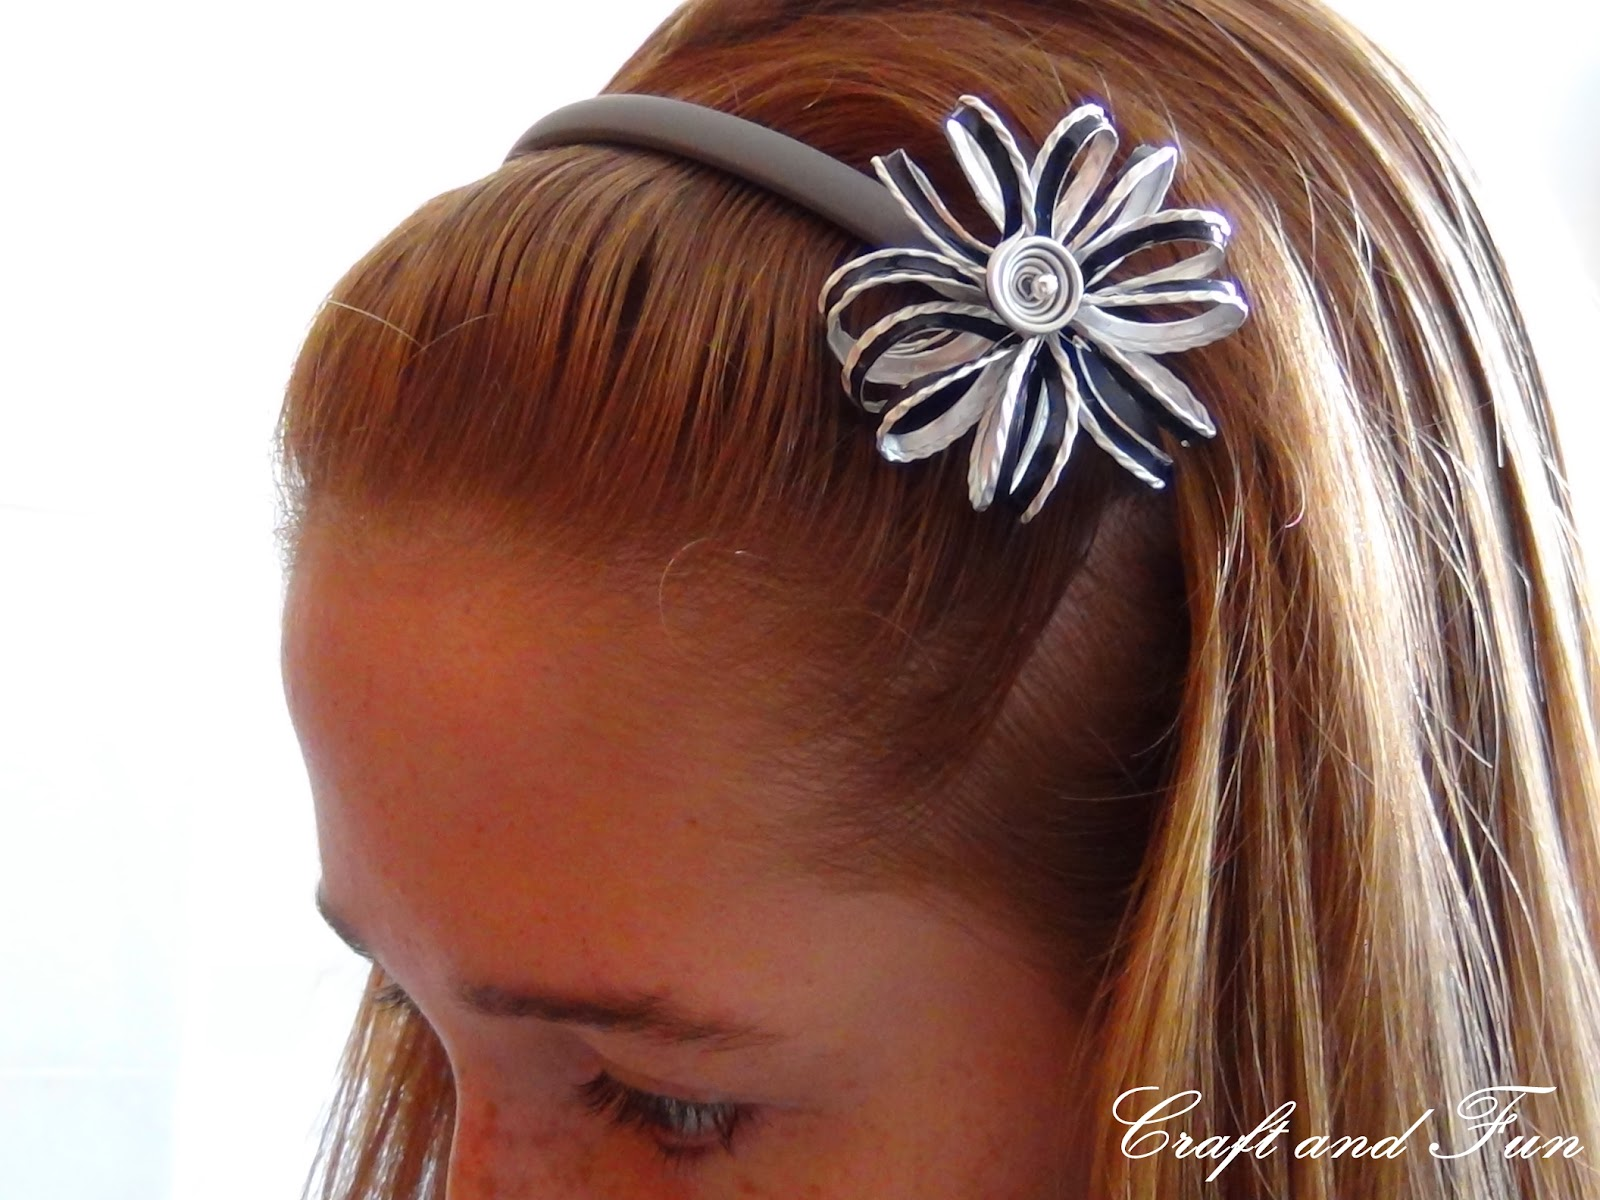 Riciclo creativo craft and fun accessori per capelli for Fai da te creativo